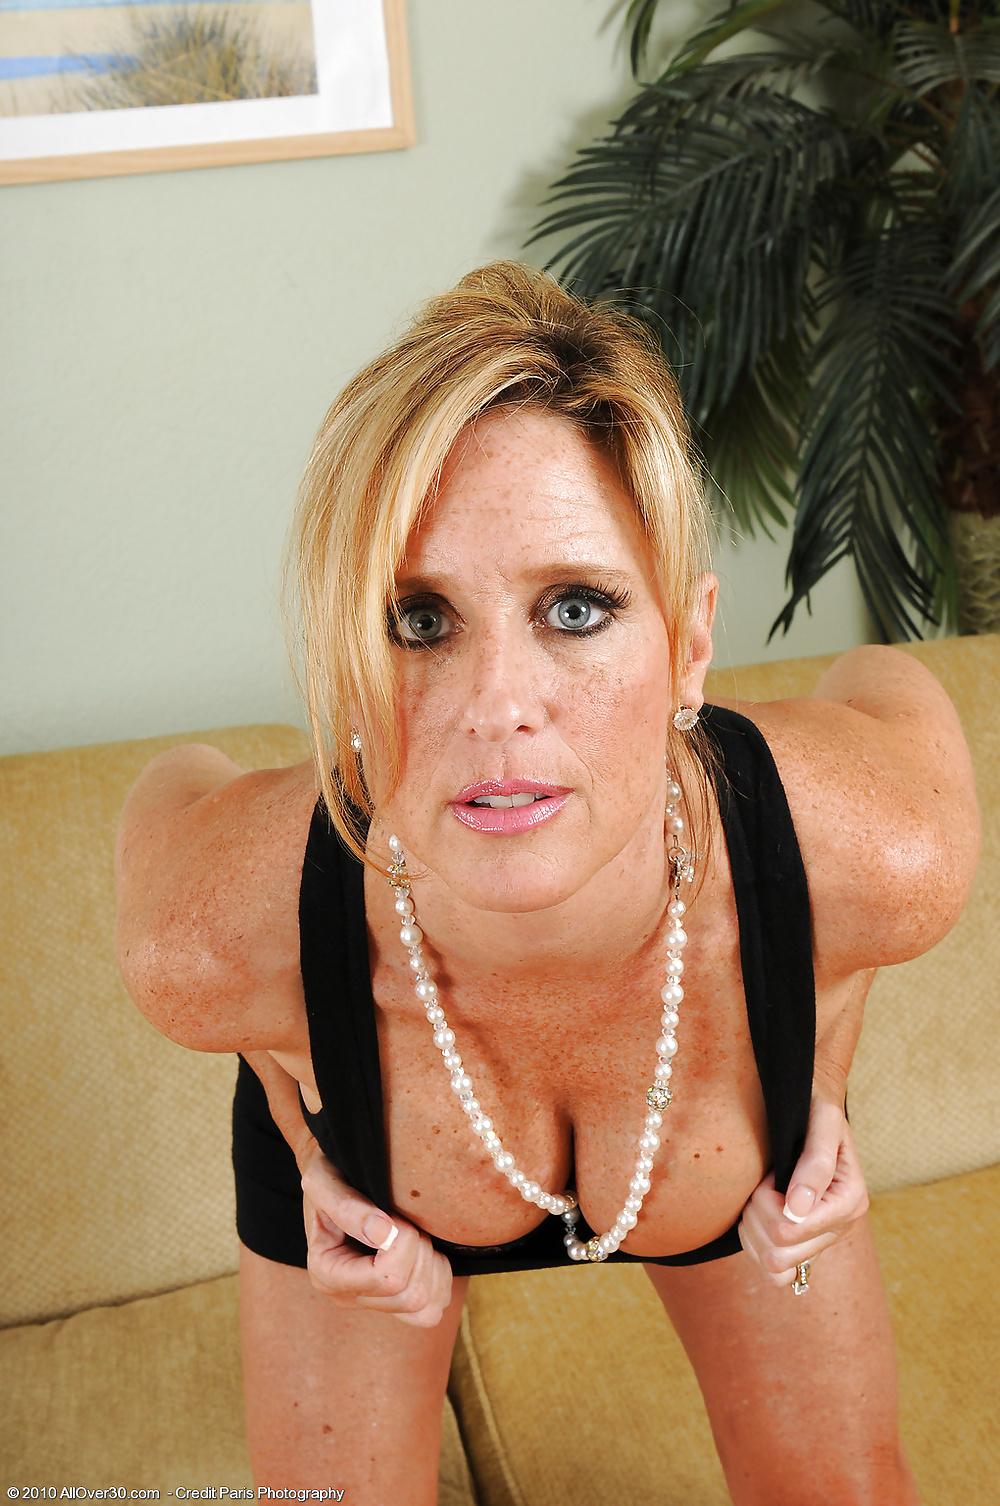 sexe nu en photo de cougar du 26